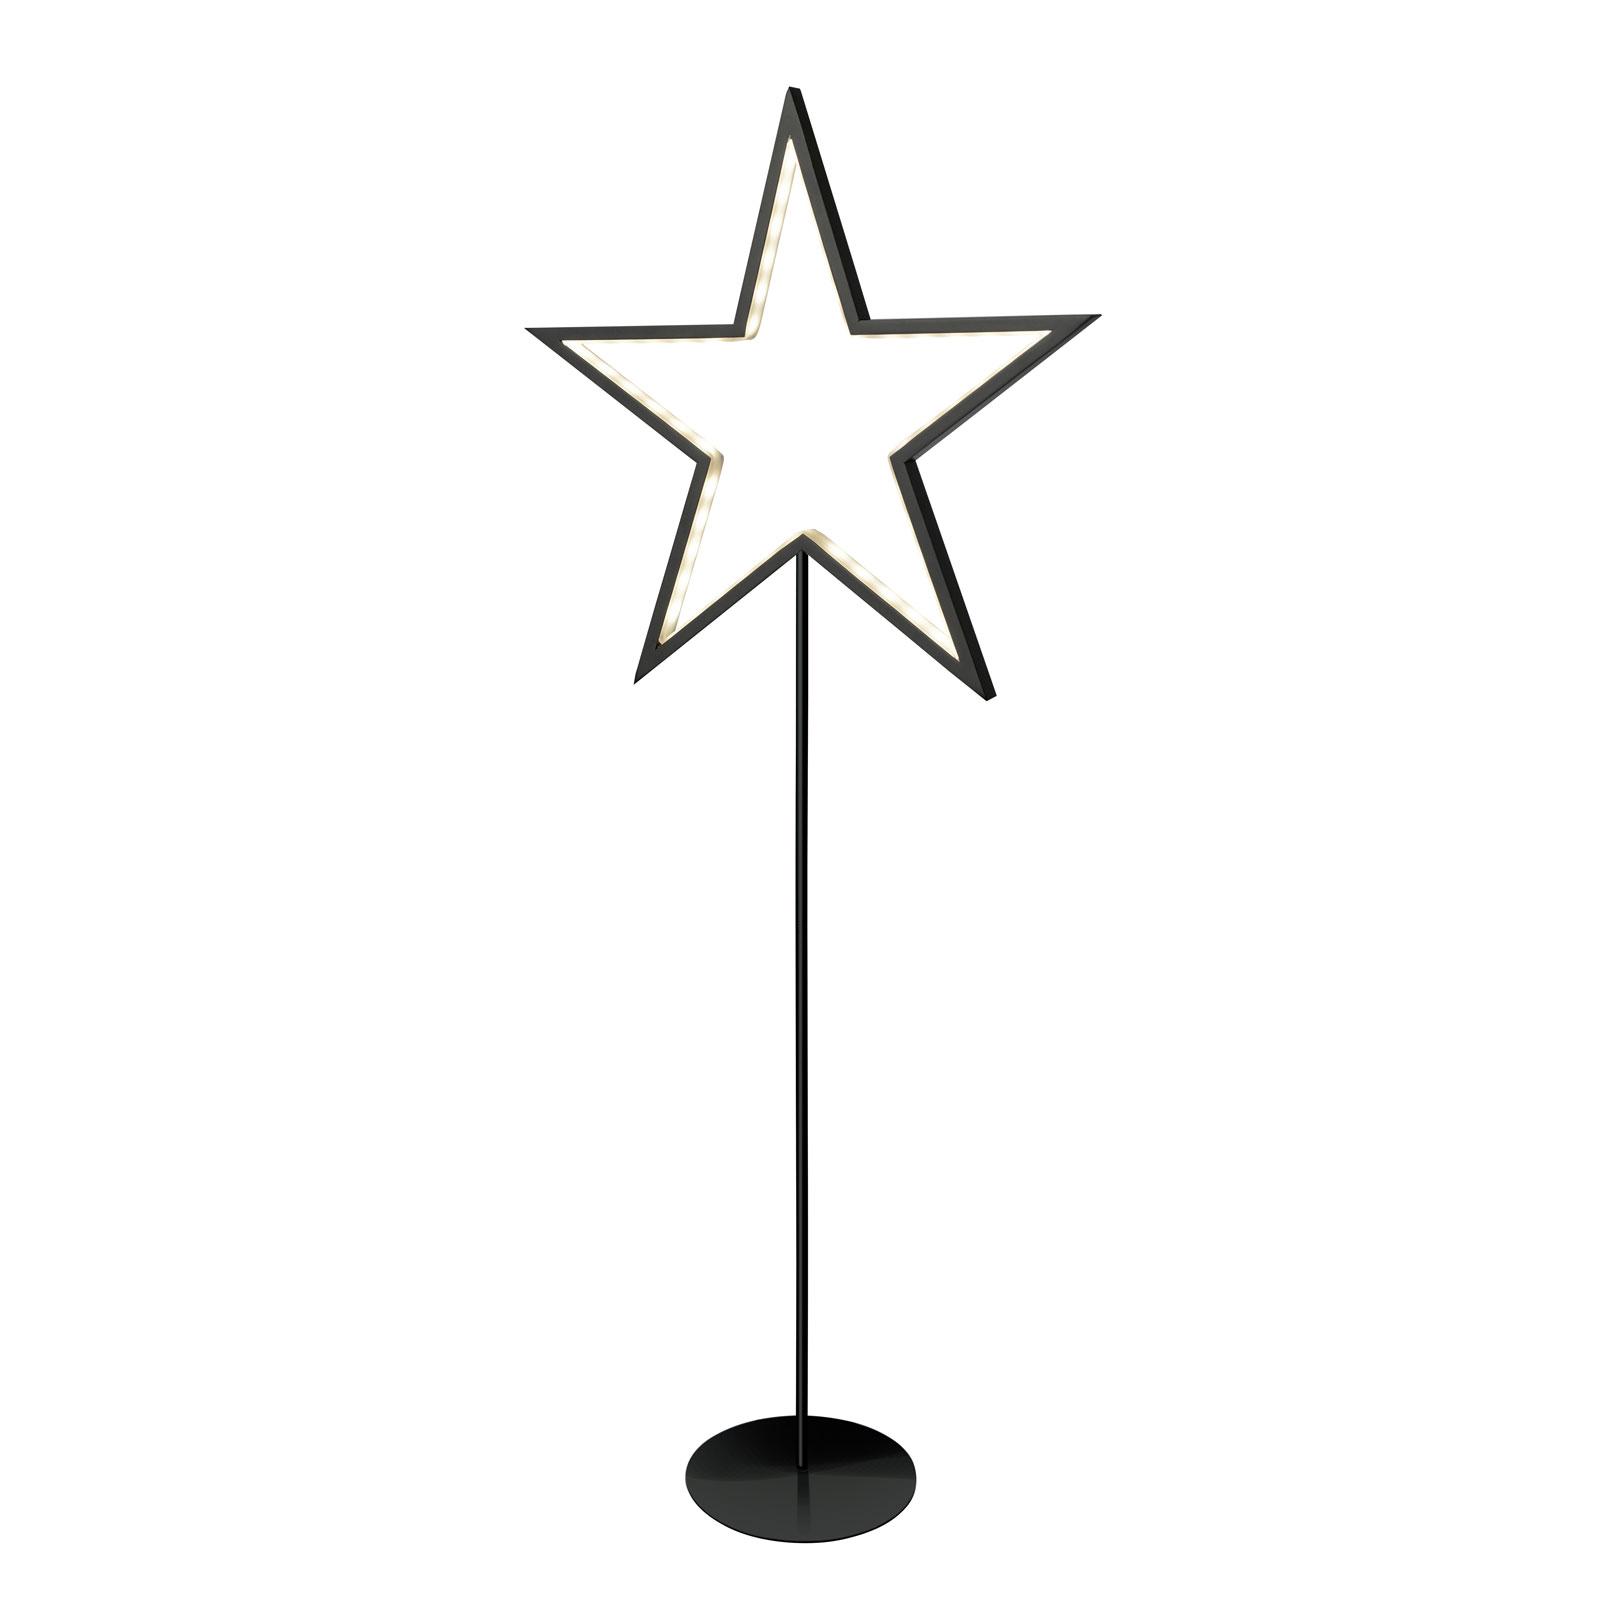 Lucy stjerne-dekorationslampe